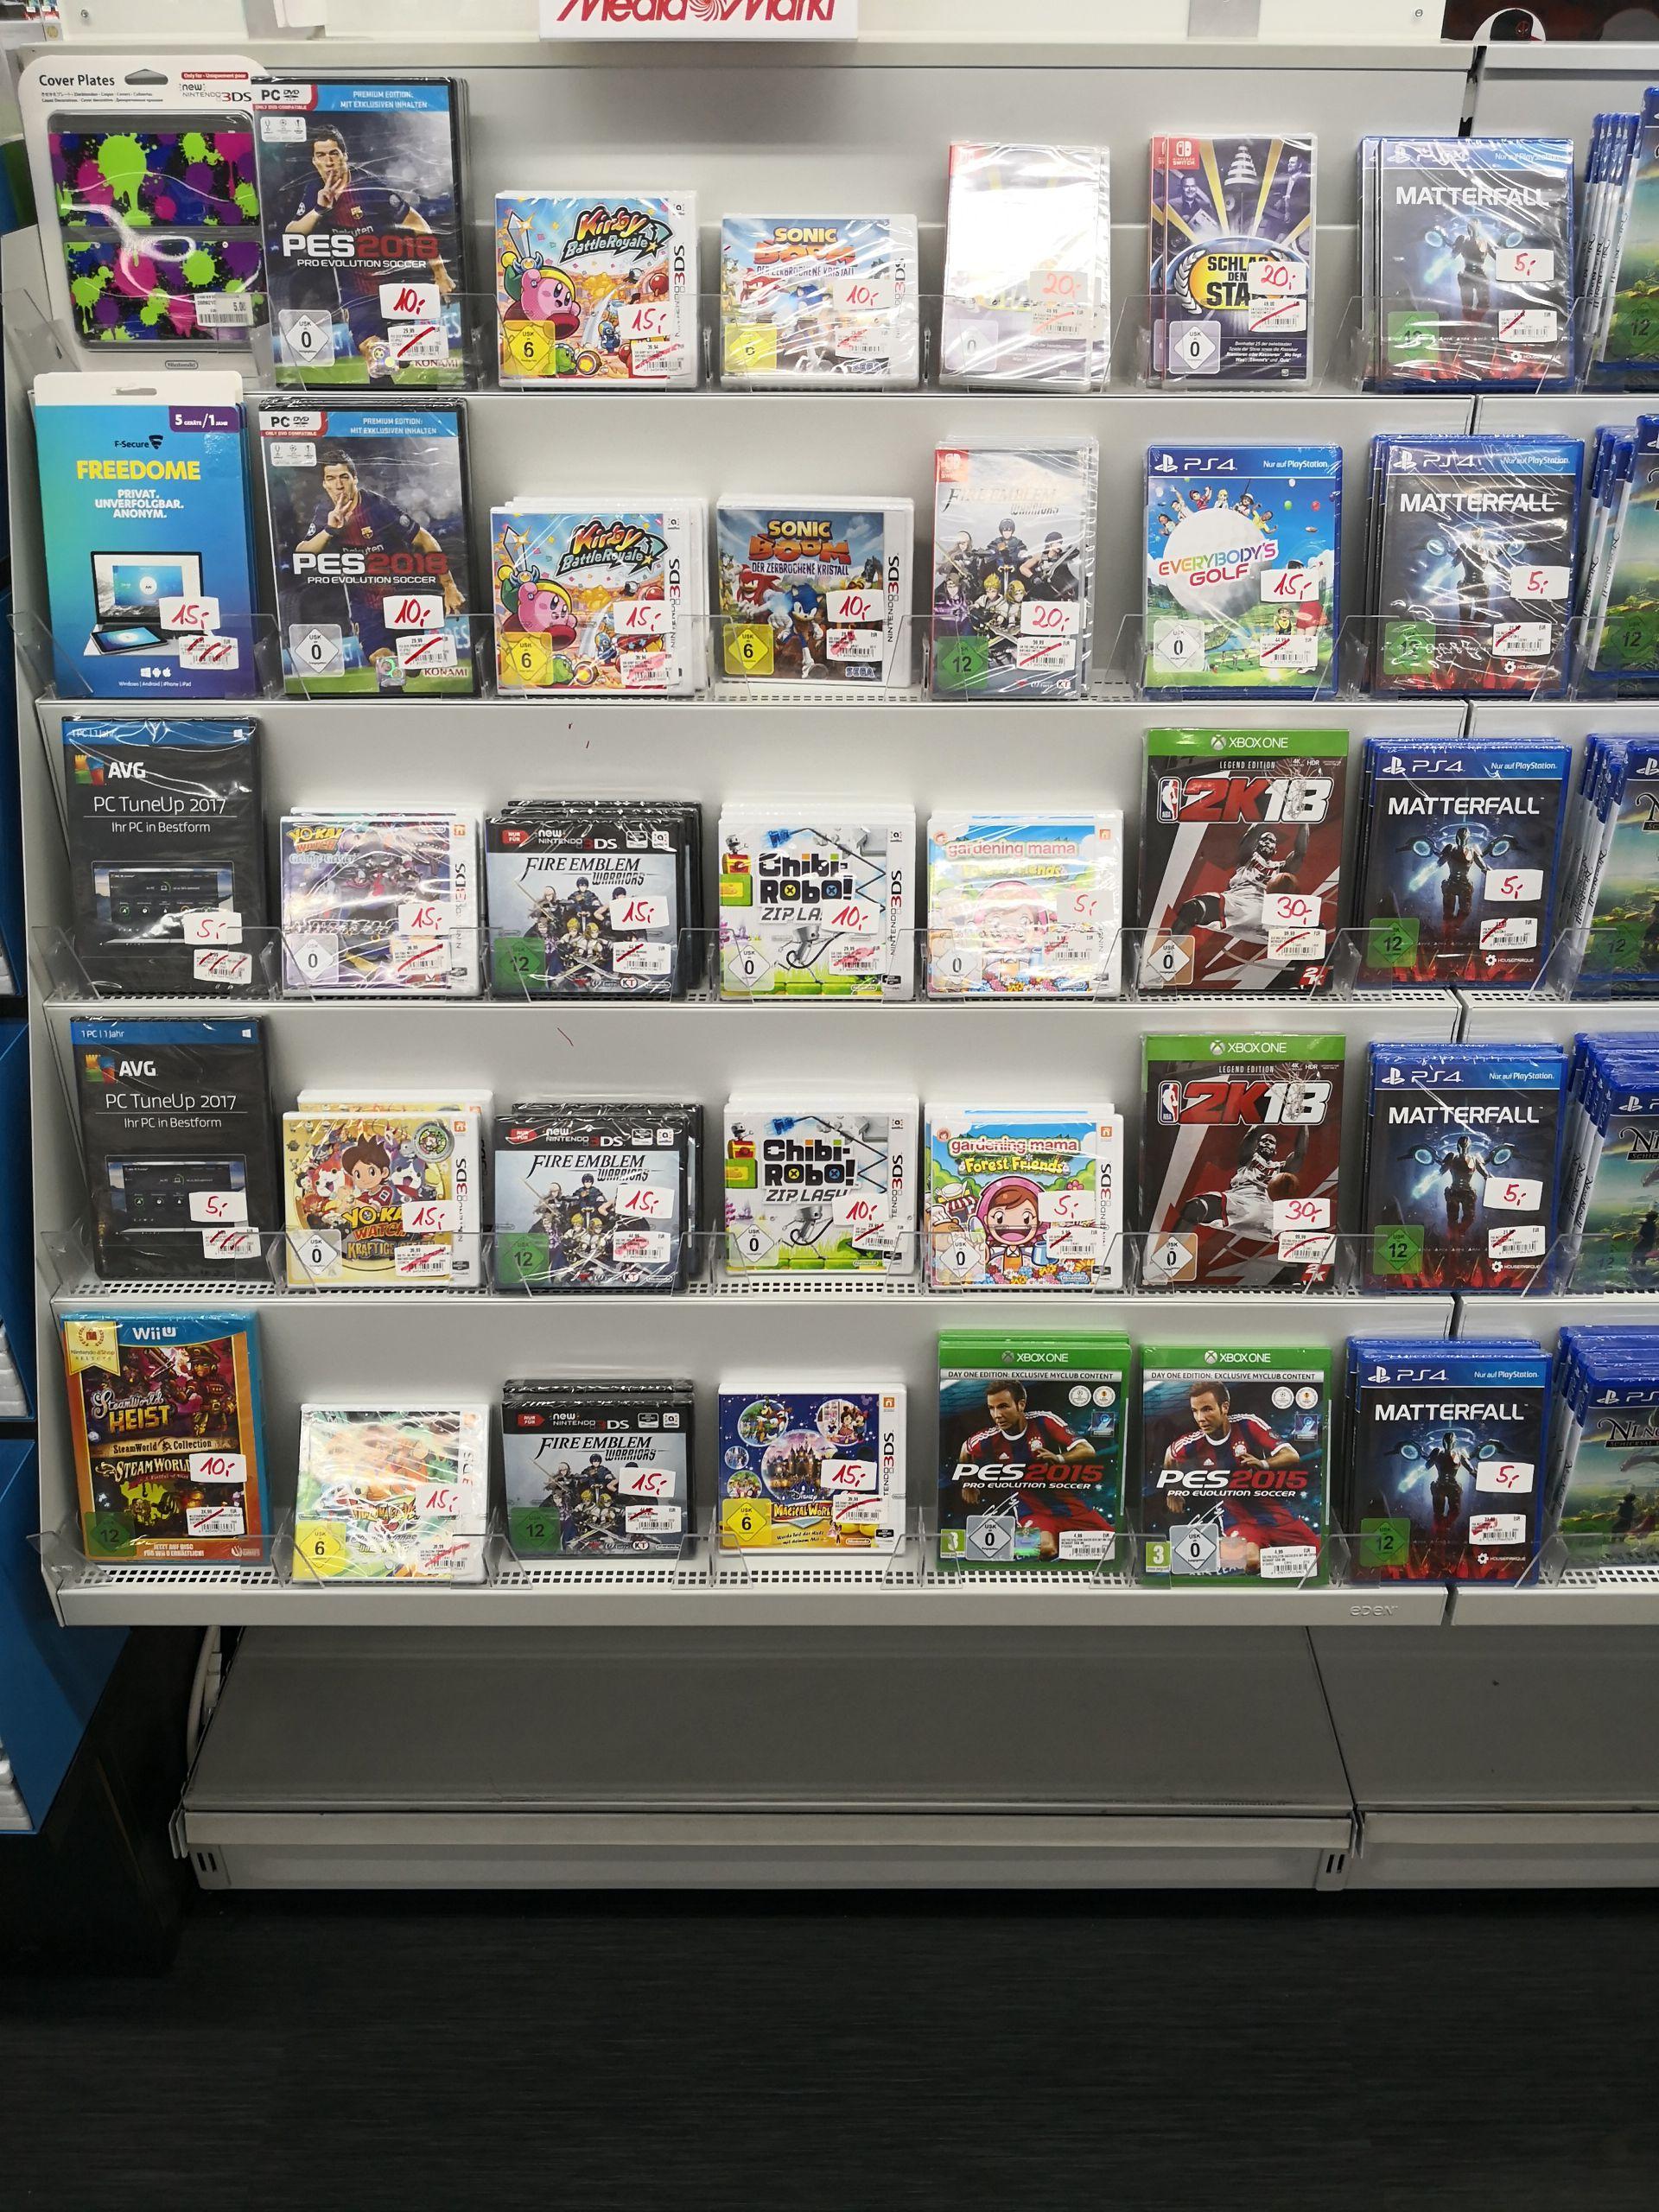 (Lokal Media Markt Breuninger Land Ludwigsburg) Diverse Spiele (Switch, 3DS, PS4, Xbox One) im Abverkauf